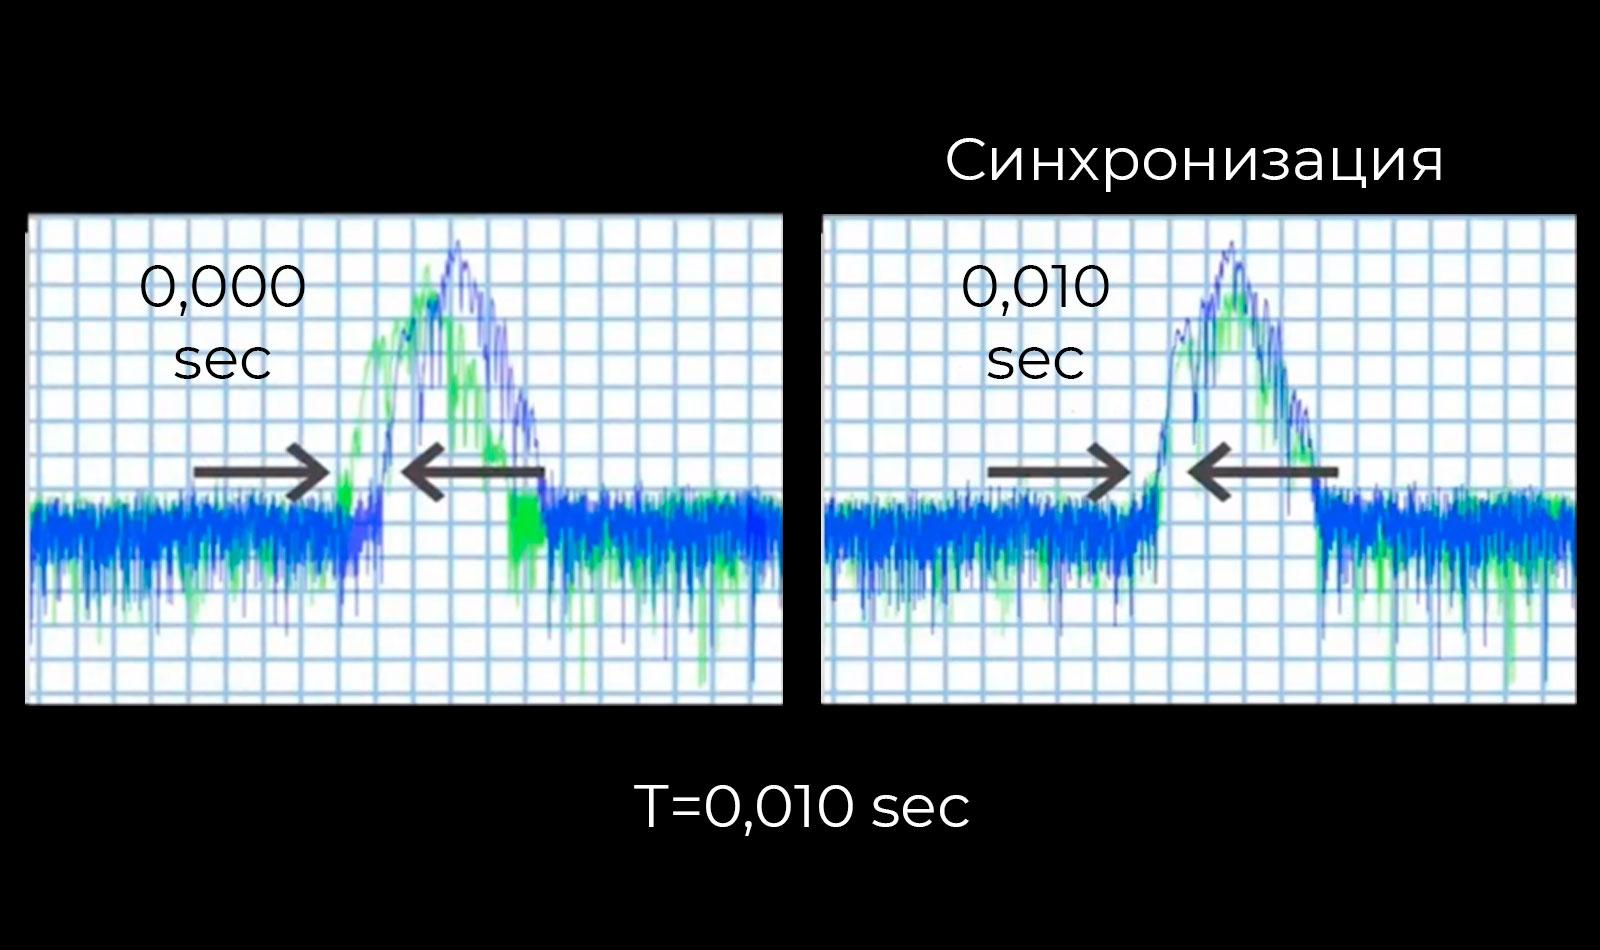 Синхронизация откликов